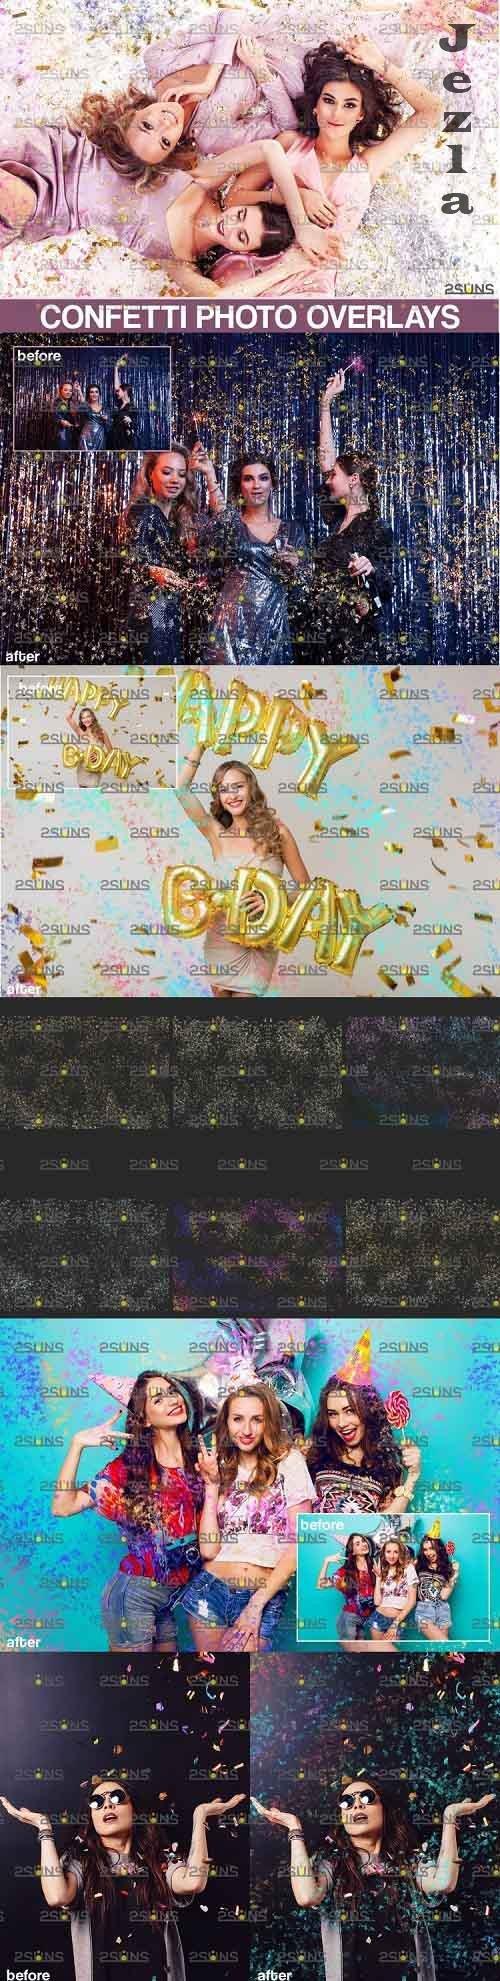 Confetti Photo overlays, Realistic falling Confetti, Png - 905702